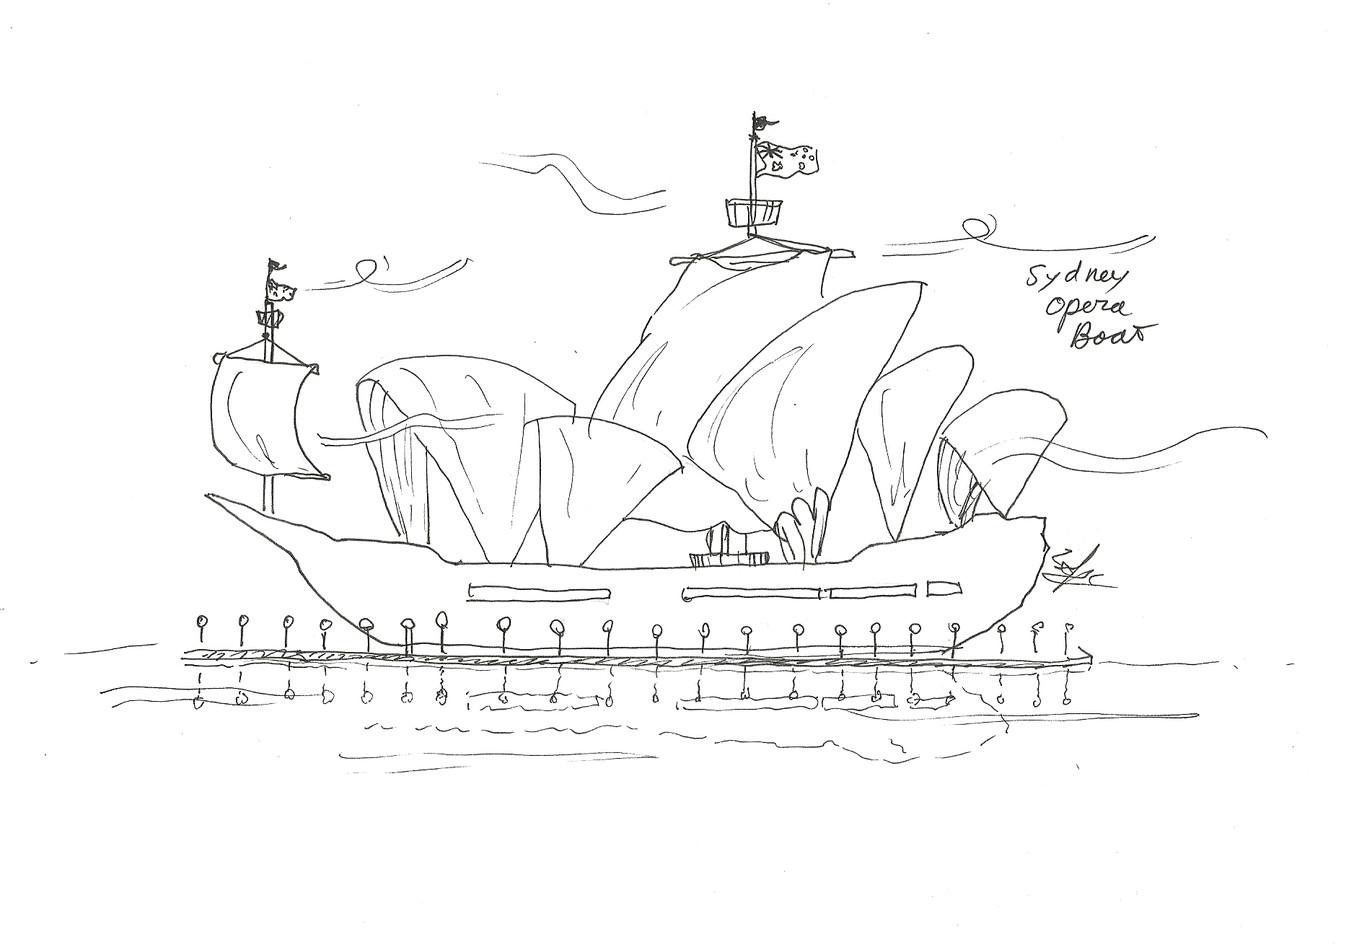 Sydney Opera Boat